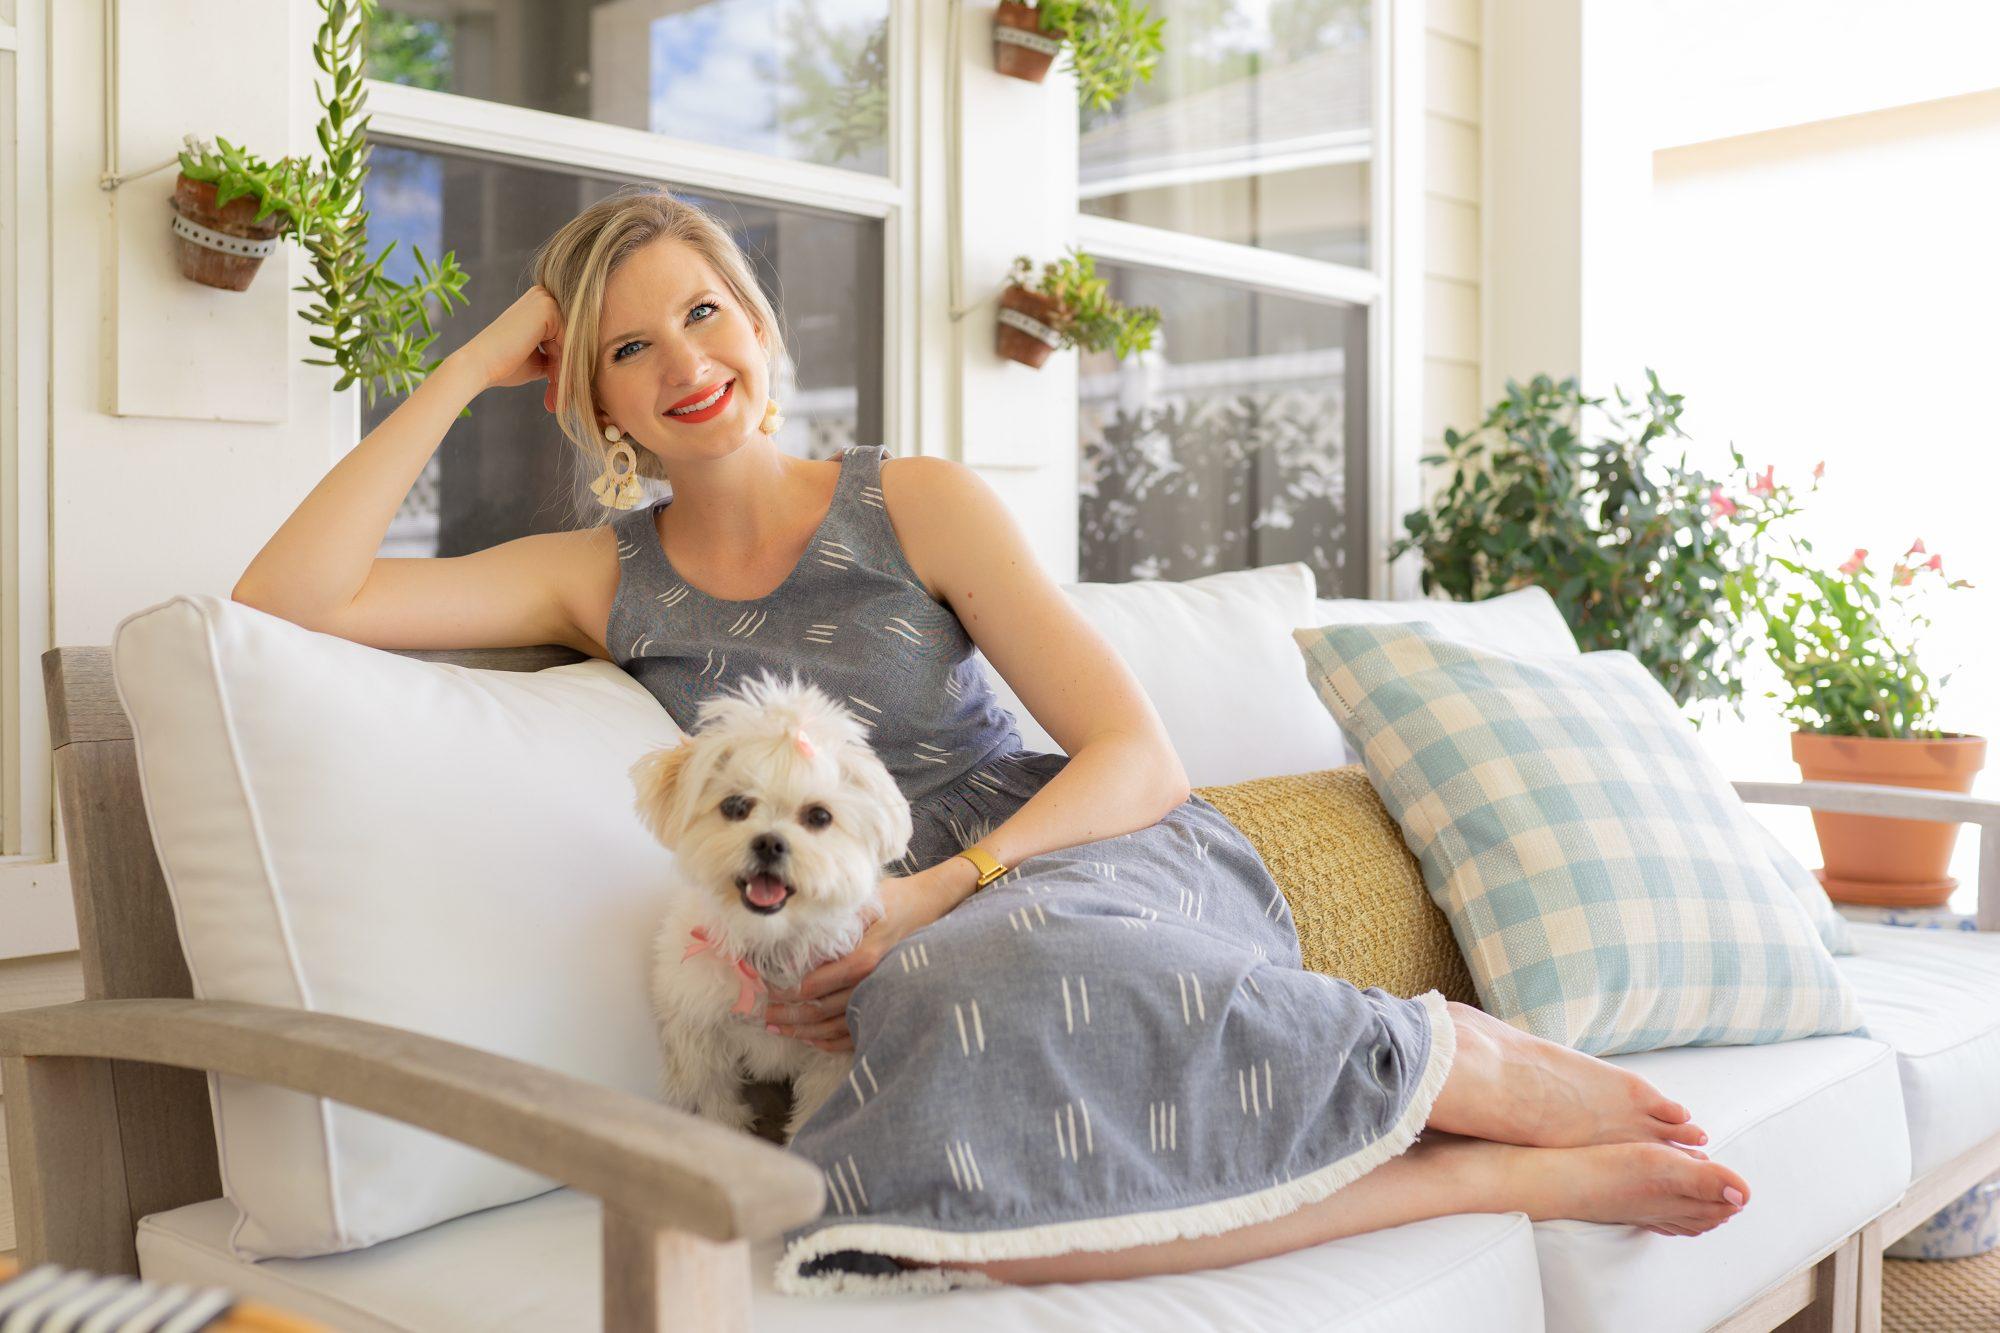 Ashley Brooke wearing Lilla P Button Back Dress on www.ashleybrookedesigns.com